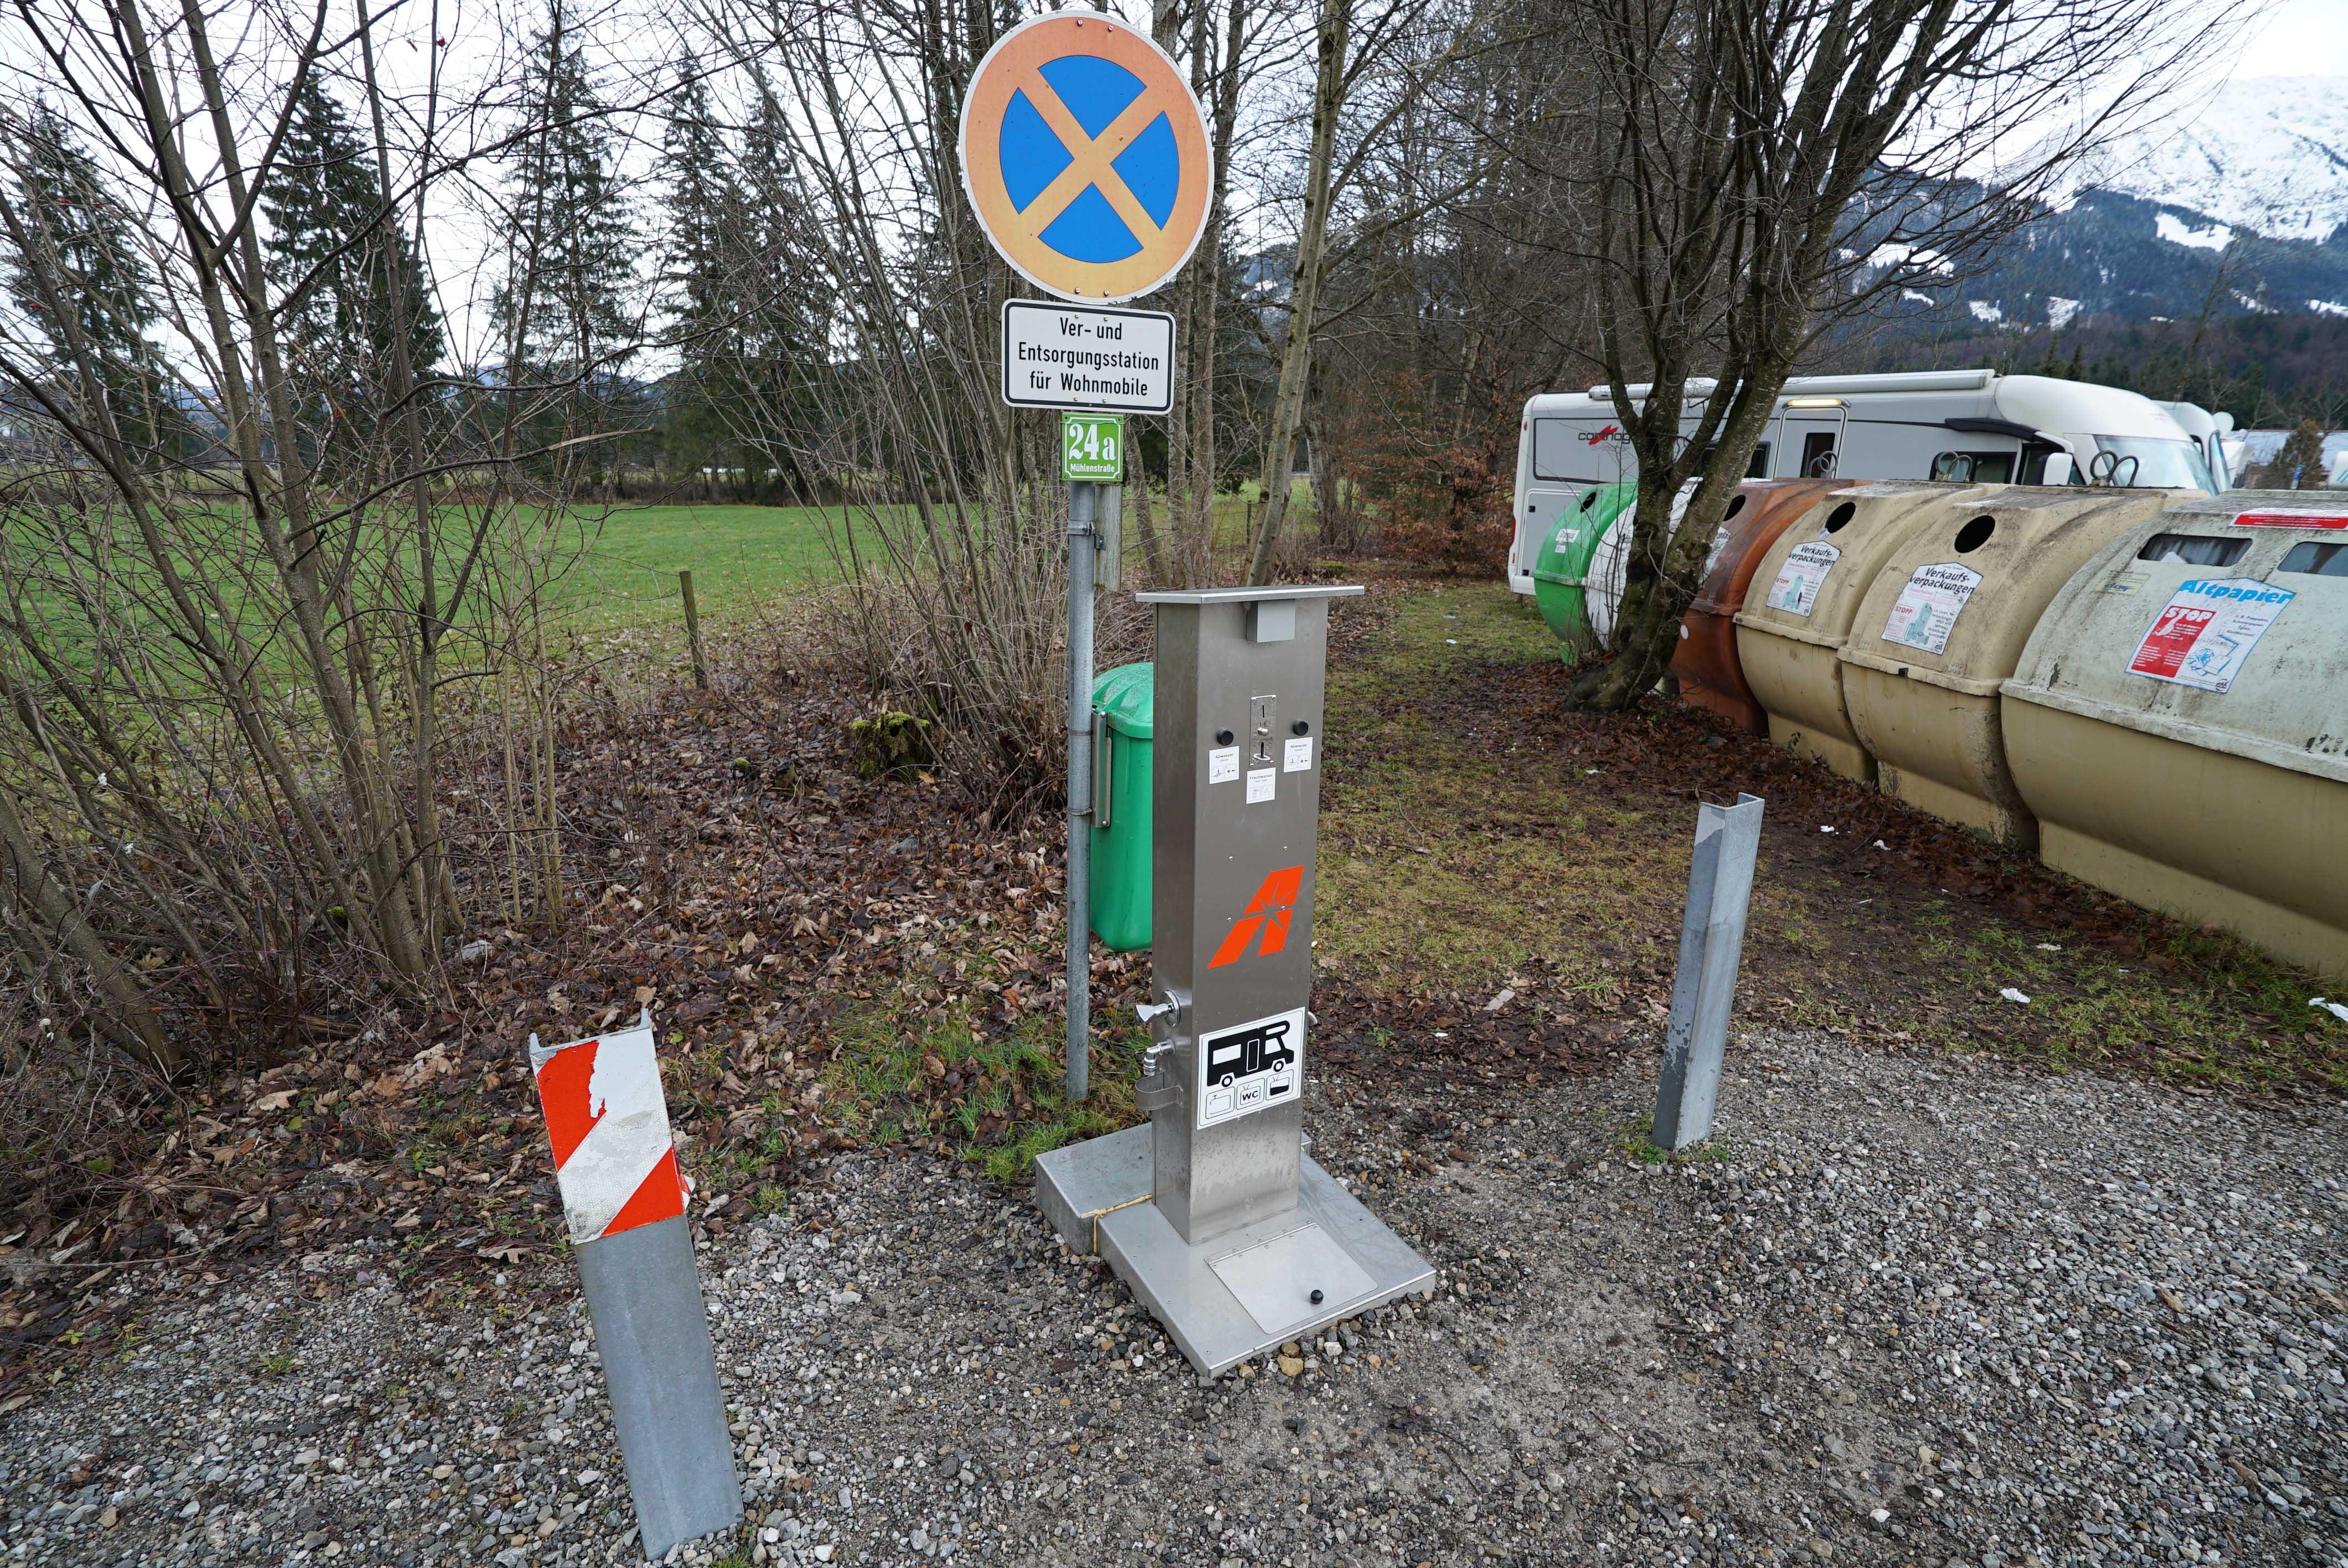 Wohnmobilstellplatz_Fischen_im_Allgäu06